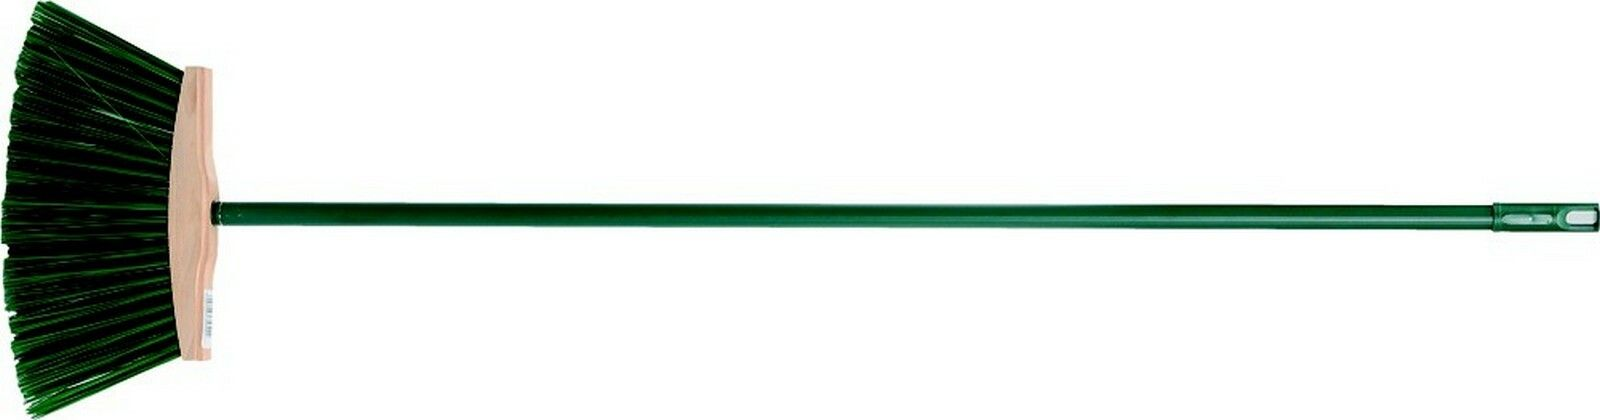 Smeták 250 mm PVC dlouhé štětiny s násadou TOYA